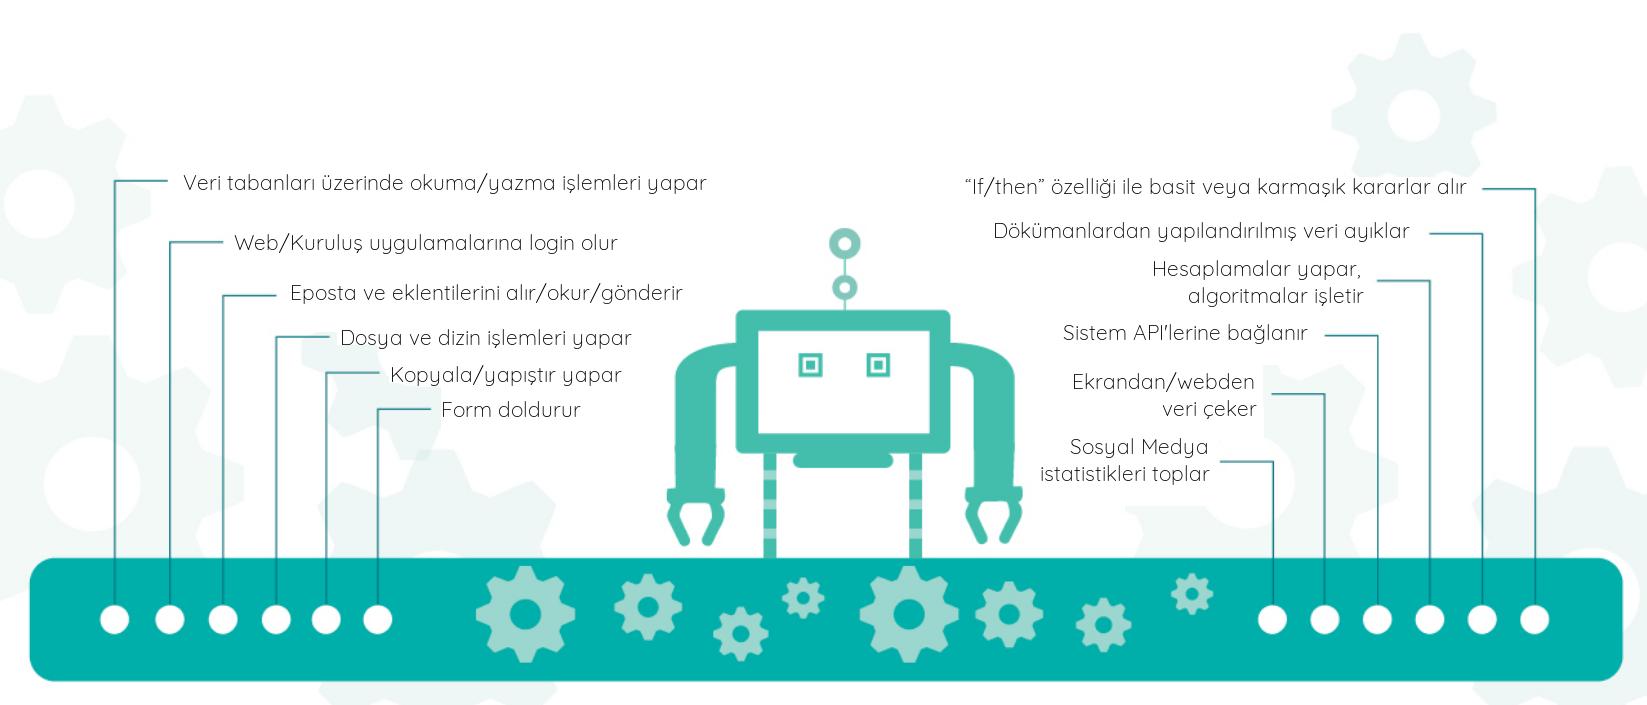 Şirketlerde Dijital Dönüşüm: ROBOTLAR GELİYOR!